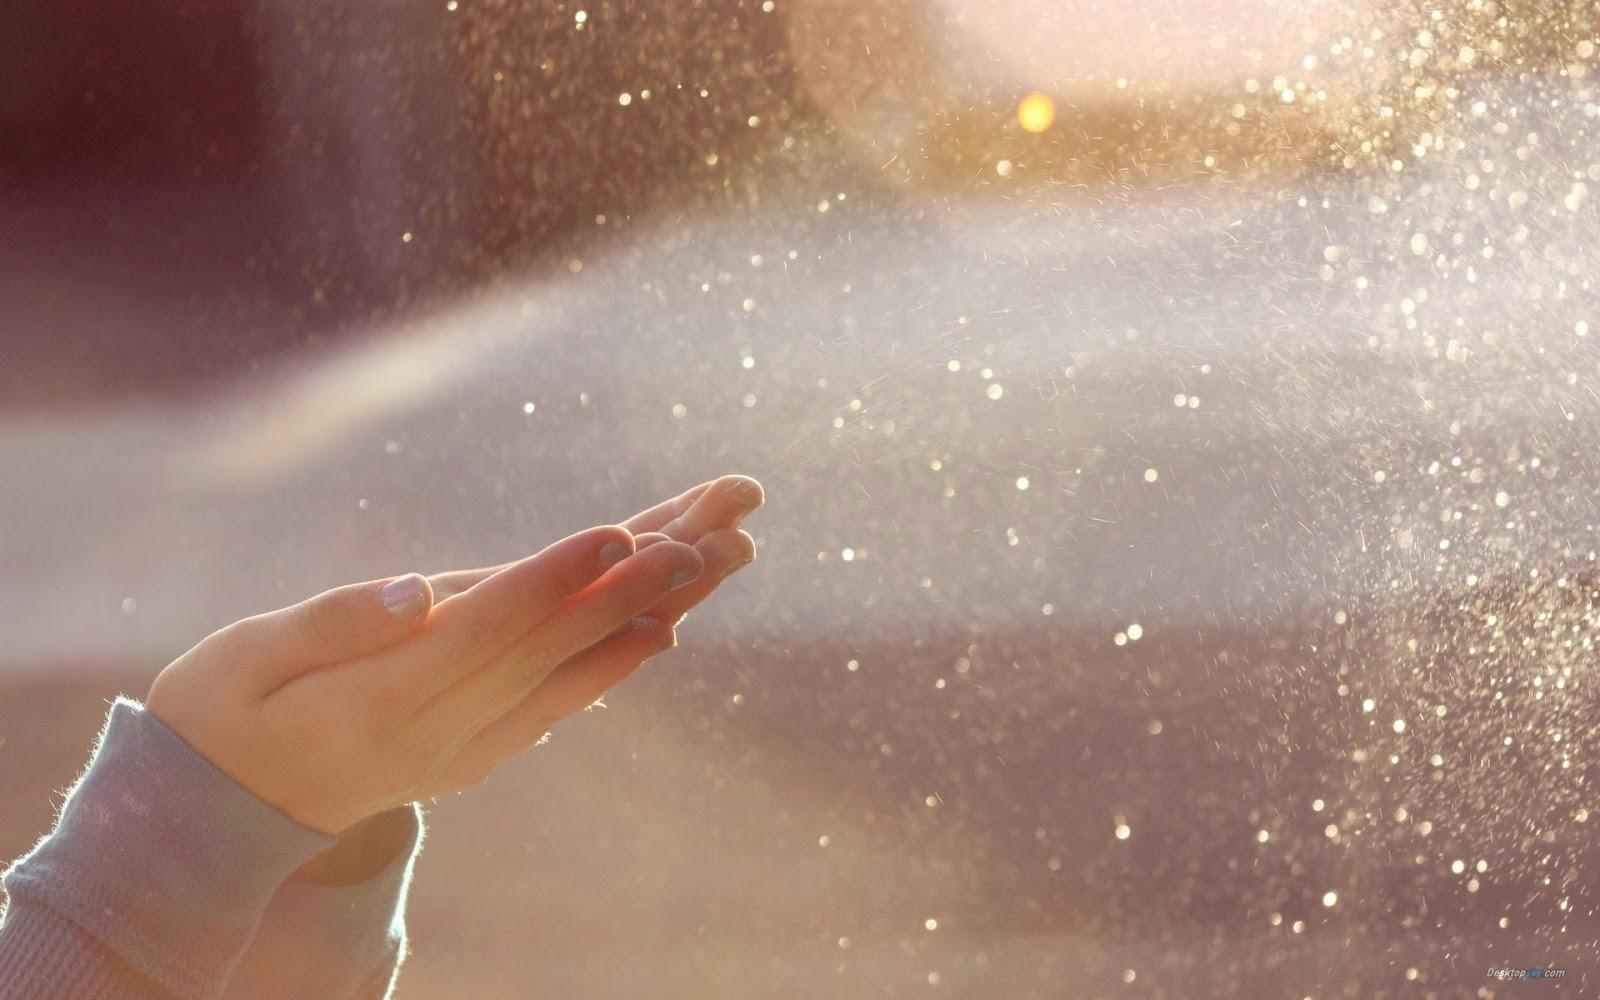 善興緣生命禮儀 | 社會福利輔導